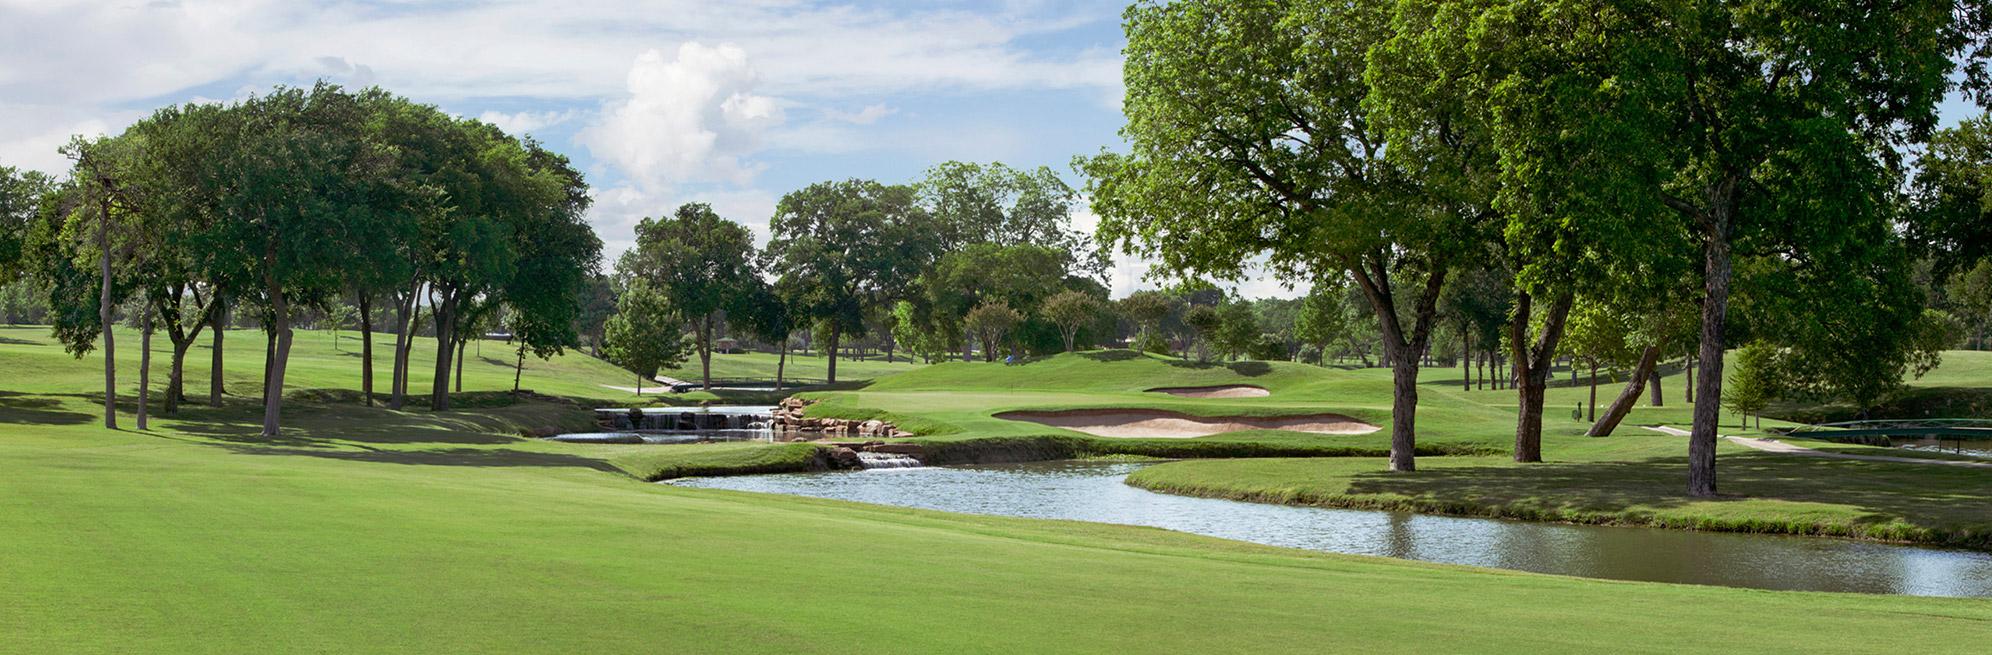 Dallas Athletic Club Blue Course No. 11